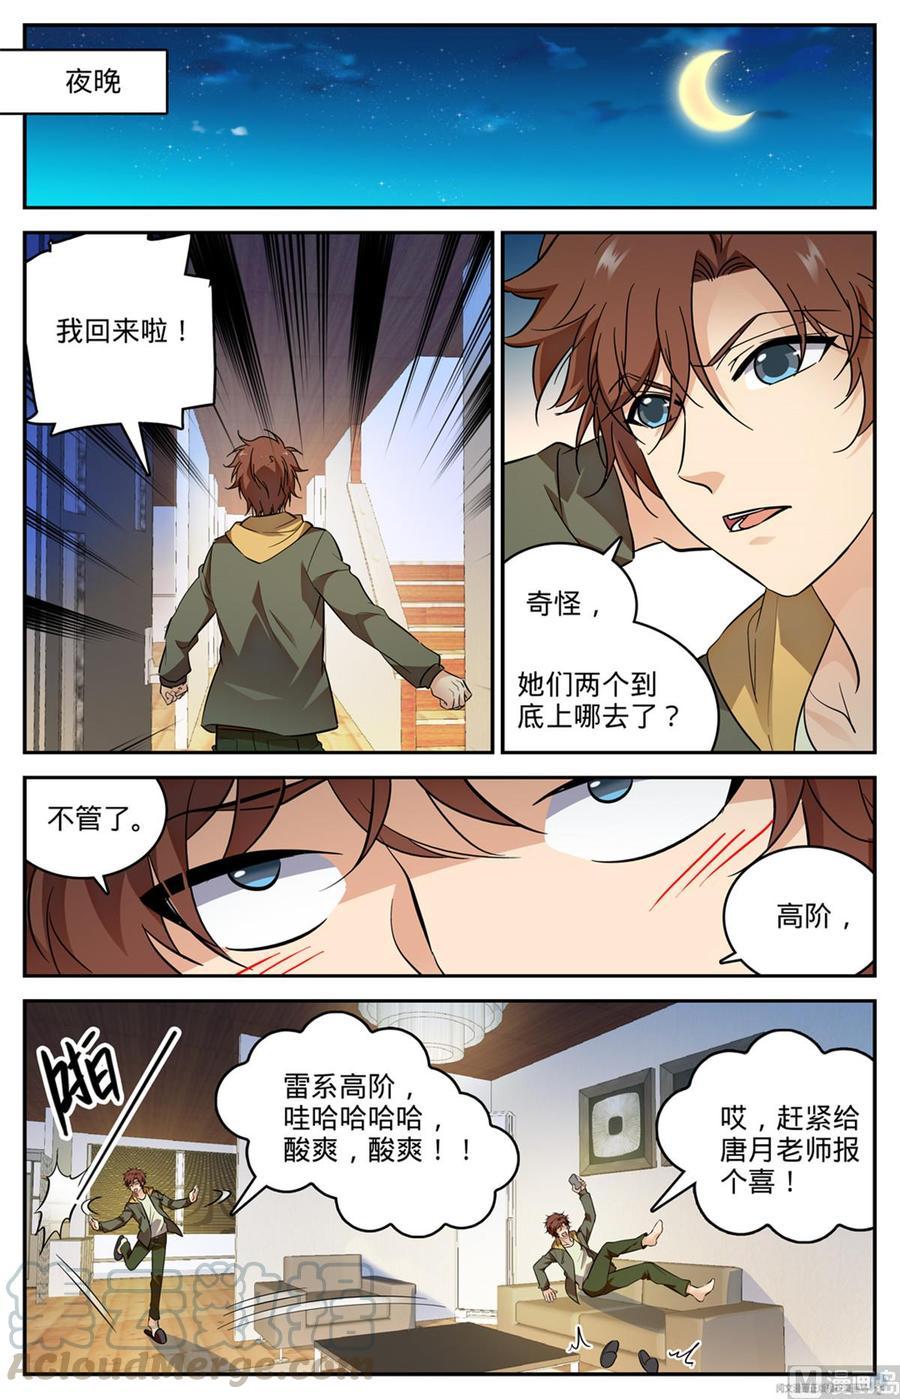 【漫画更新】全职法师   542话